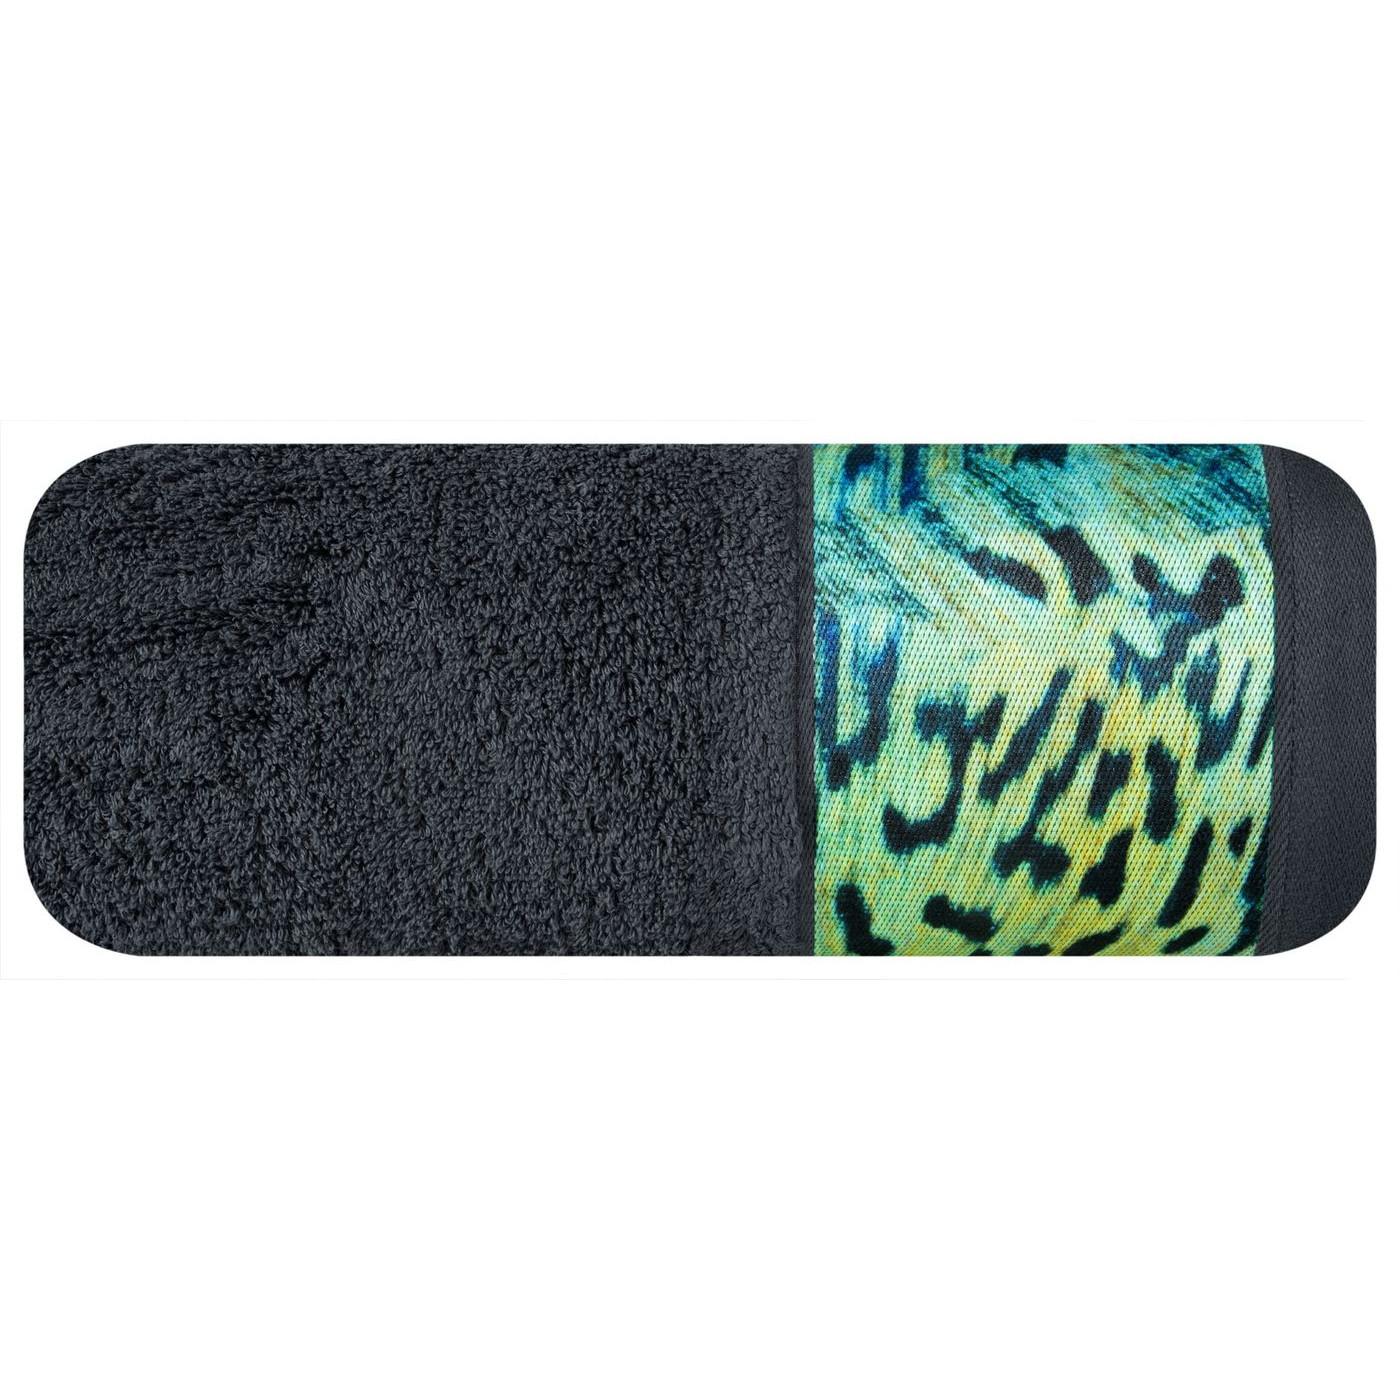 Ręcznik kąpielowy - mój wybór Eva Minge - grafit i zwierzęcy wzór 70x140 cm